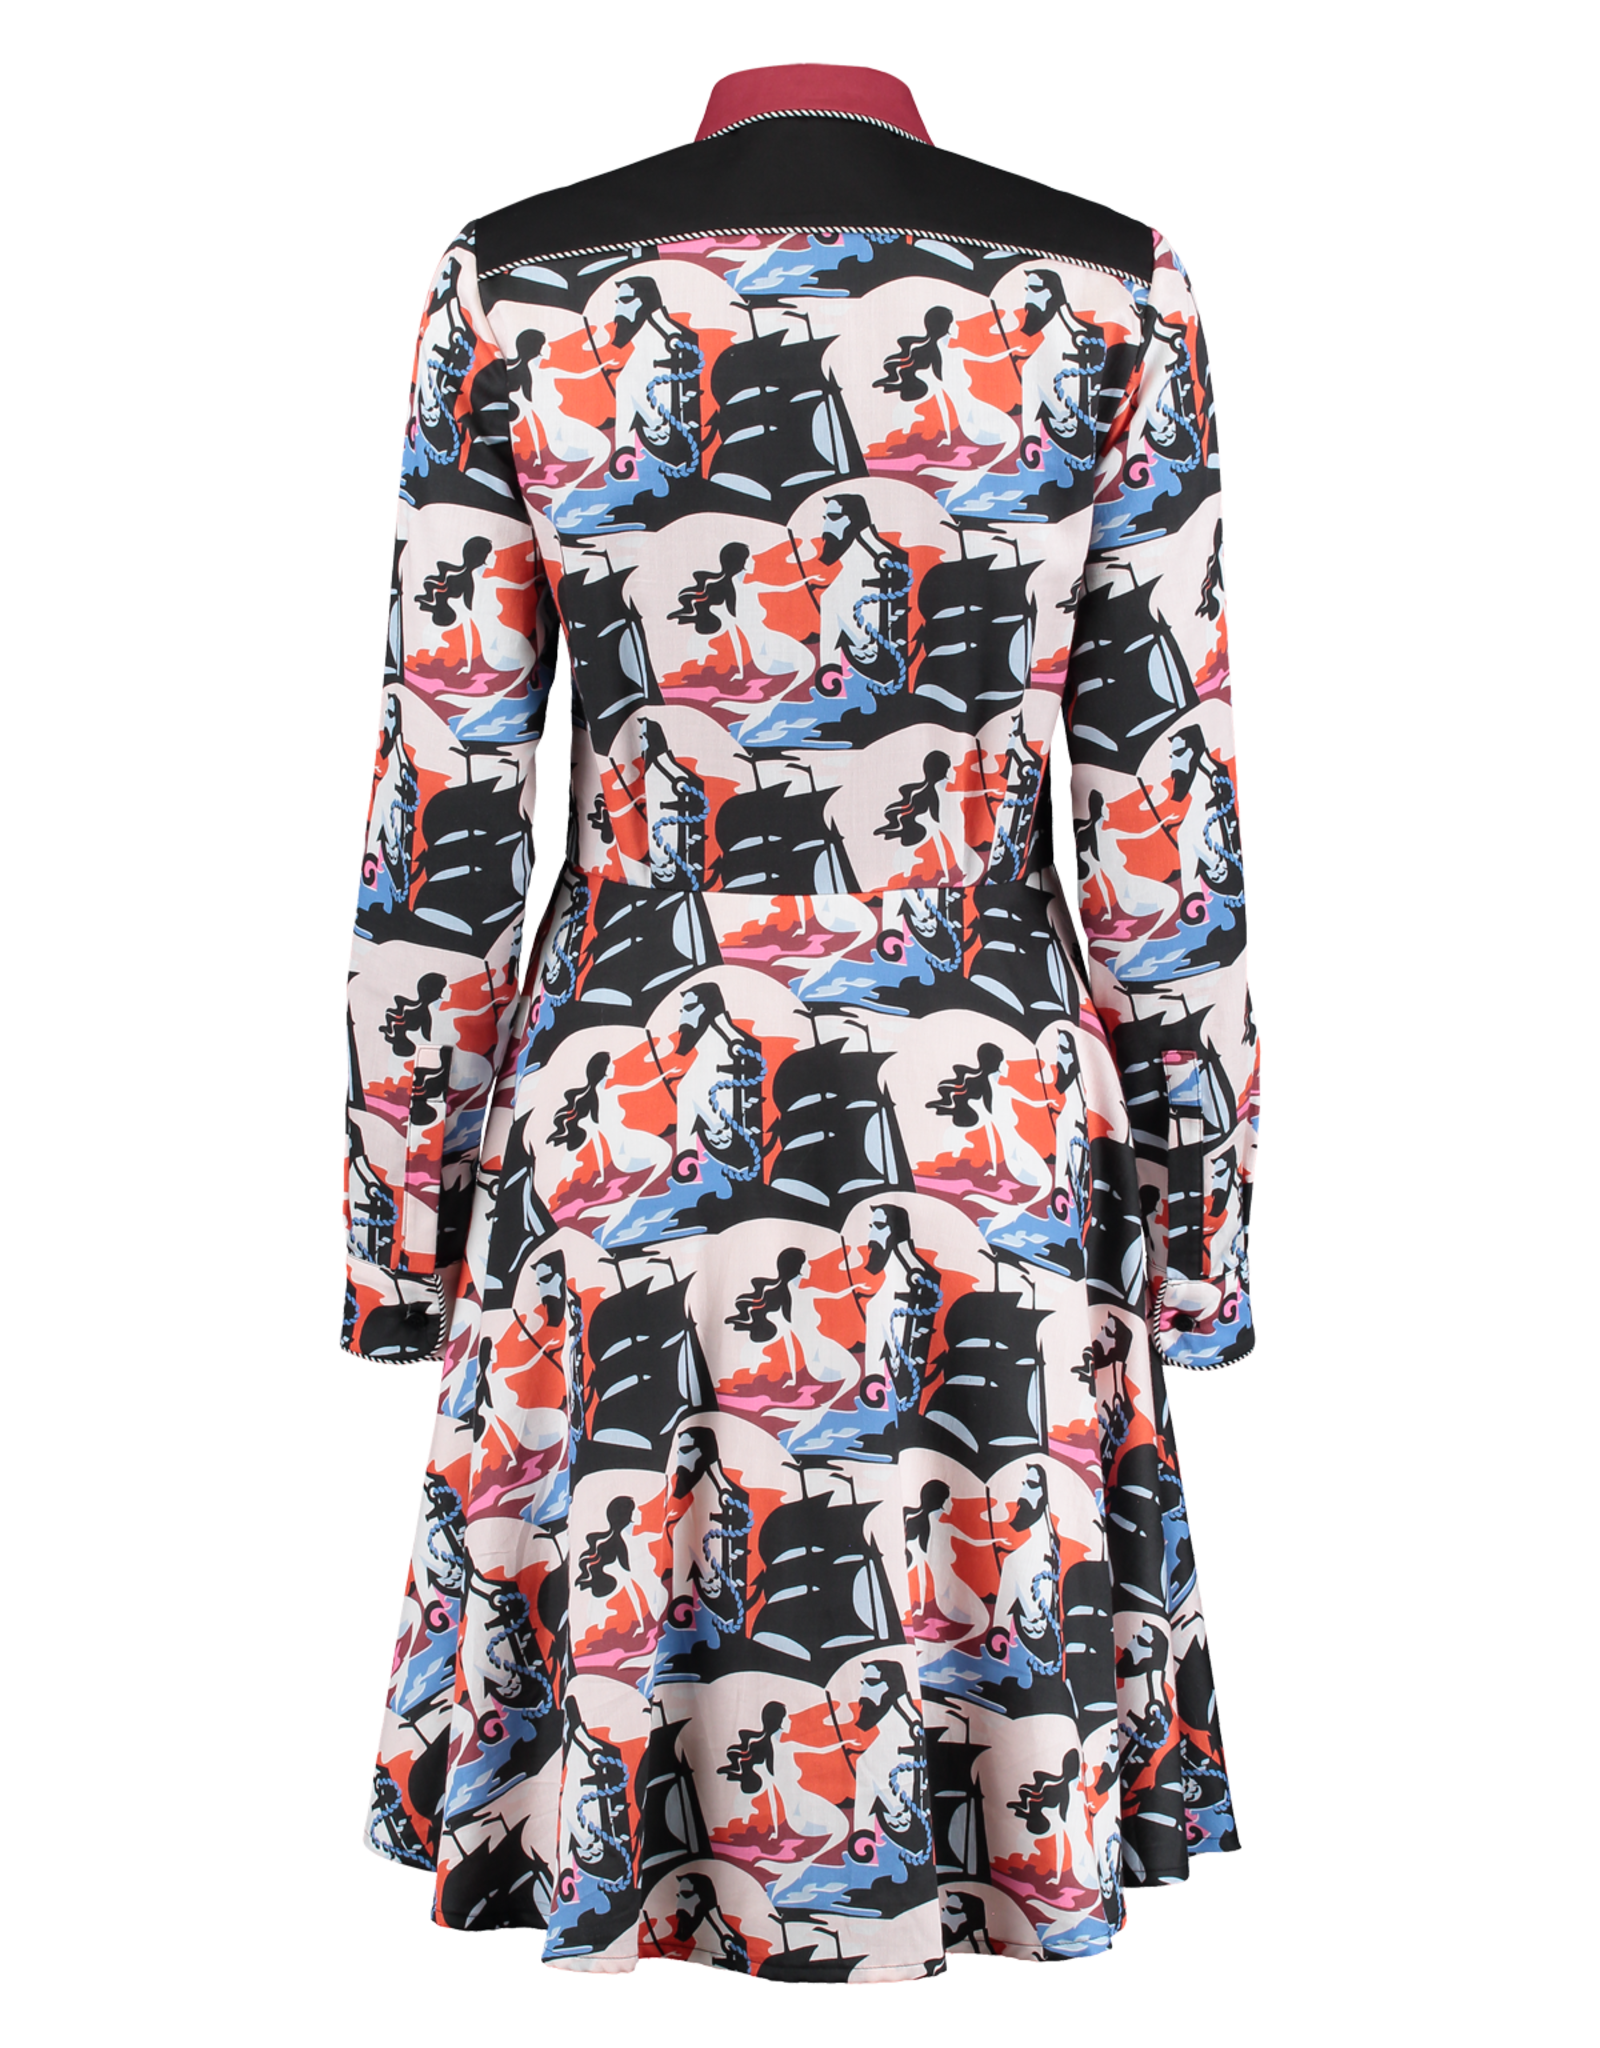 SS18-532 Fancy Dress